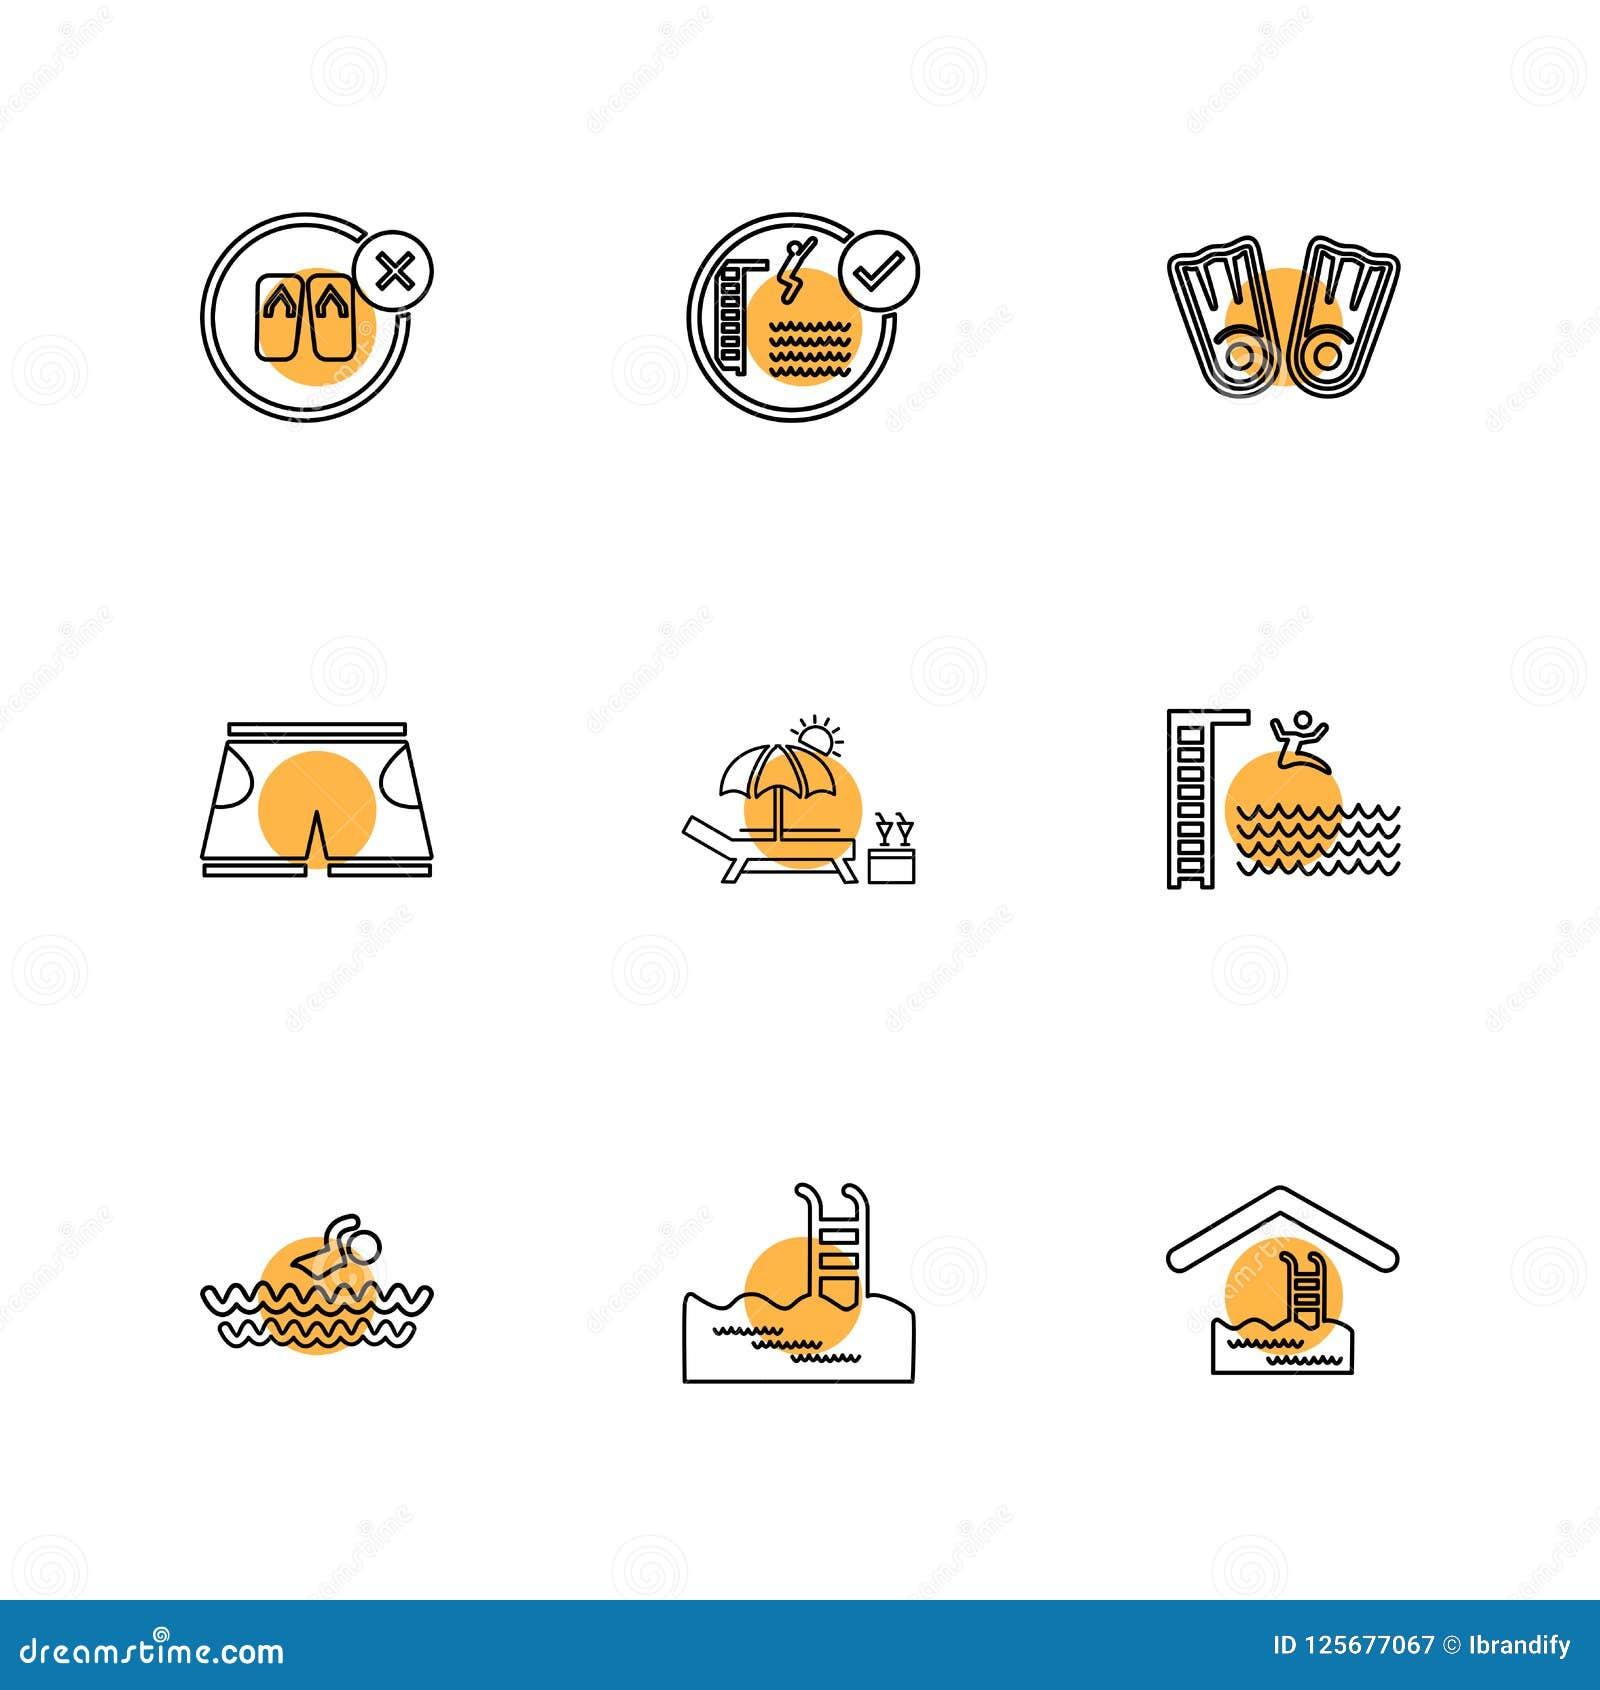 Dobrador, arquivos, verão, praia, piquenique, bebidas, ícones do eps ajustados